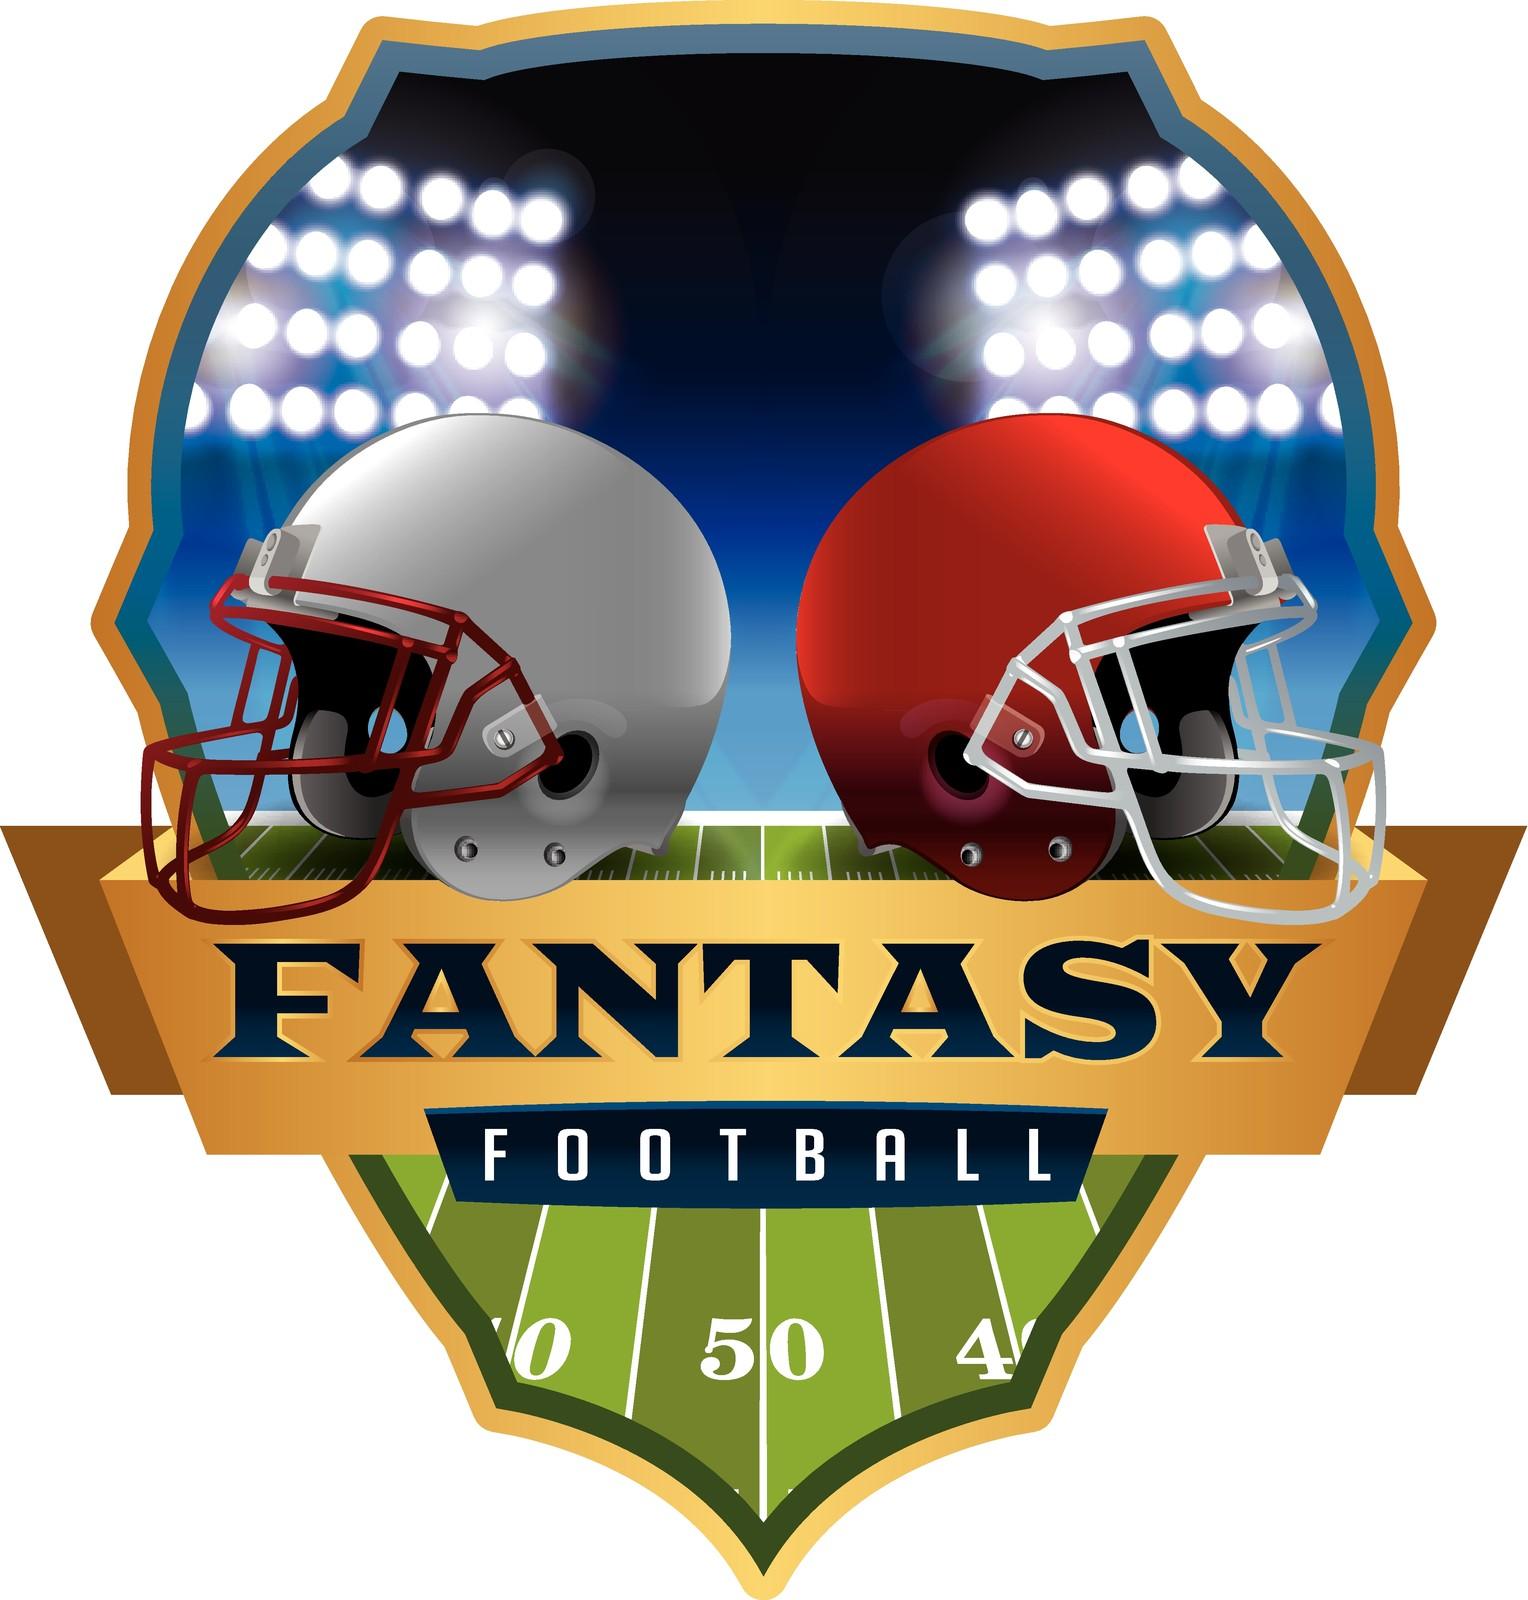 Fantasy_Football-1.jpg